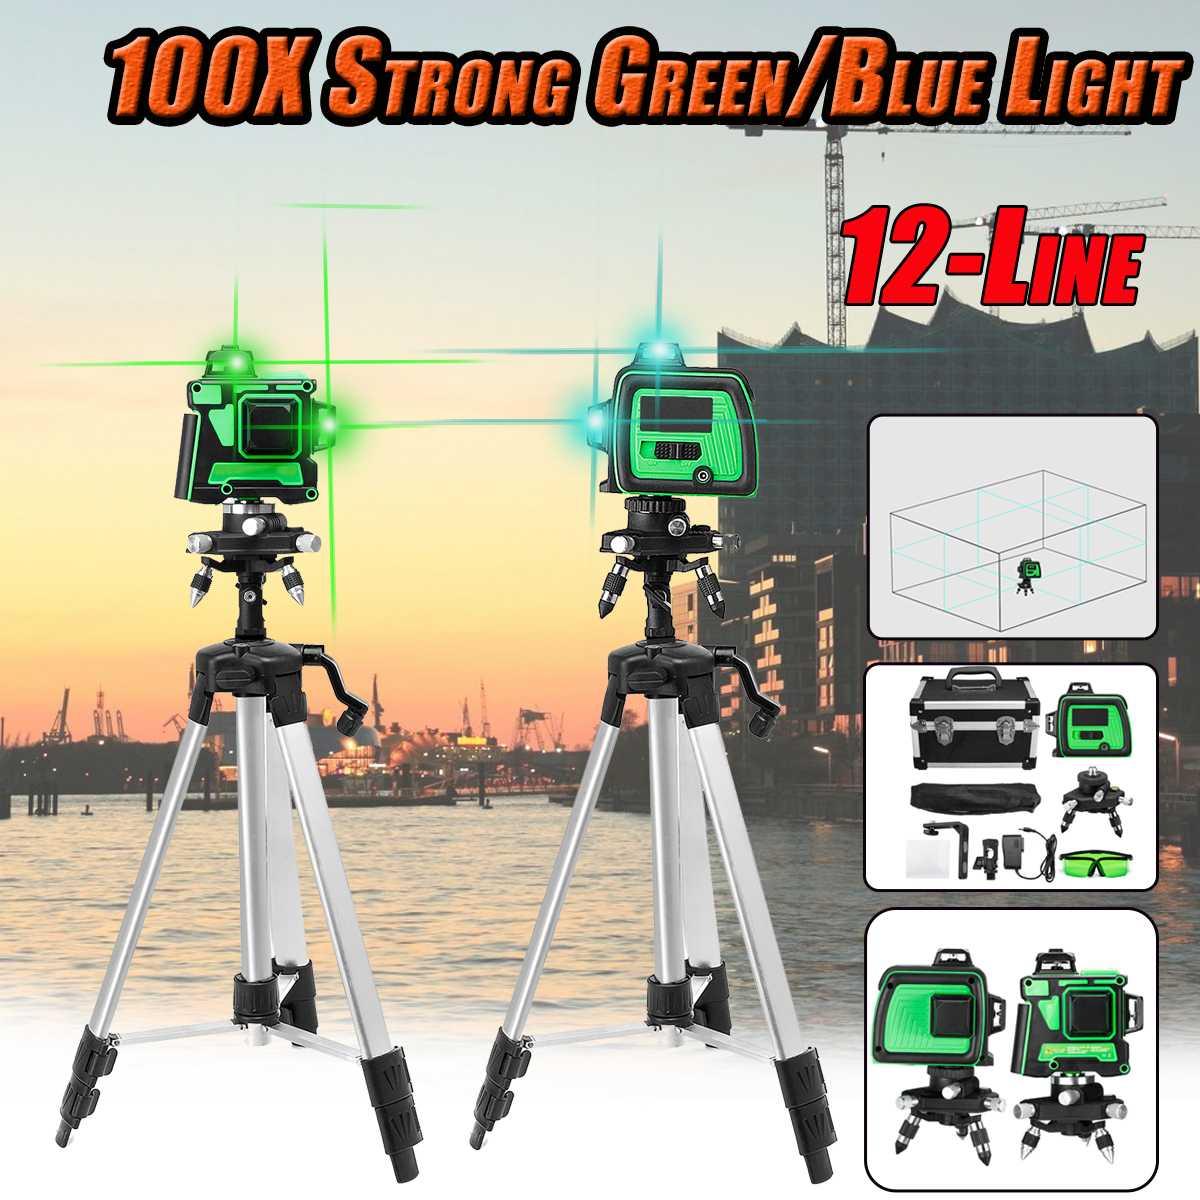 12 linea di 100X Forte Verde/Blu Luce 3D Laser Modalità di Misura di Livello di Auto Livellamento 360 Orizzontale Verticale Croce All'aperto w/Treppiede